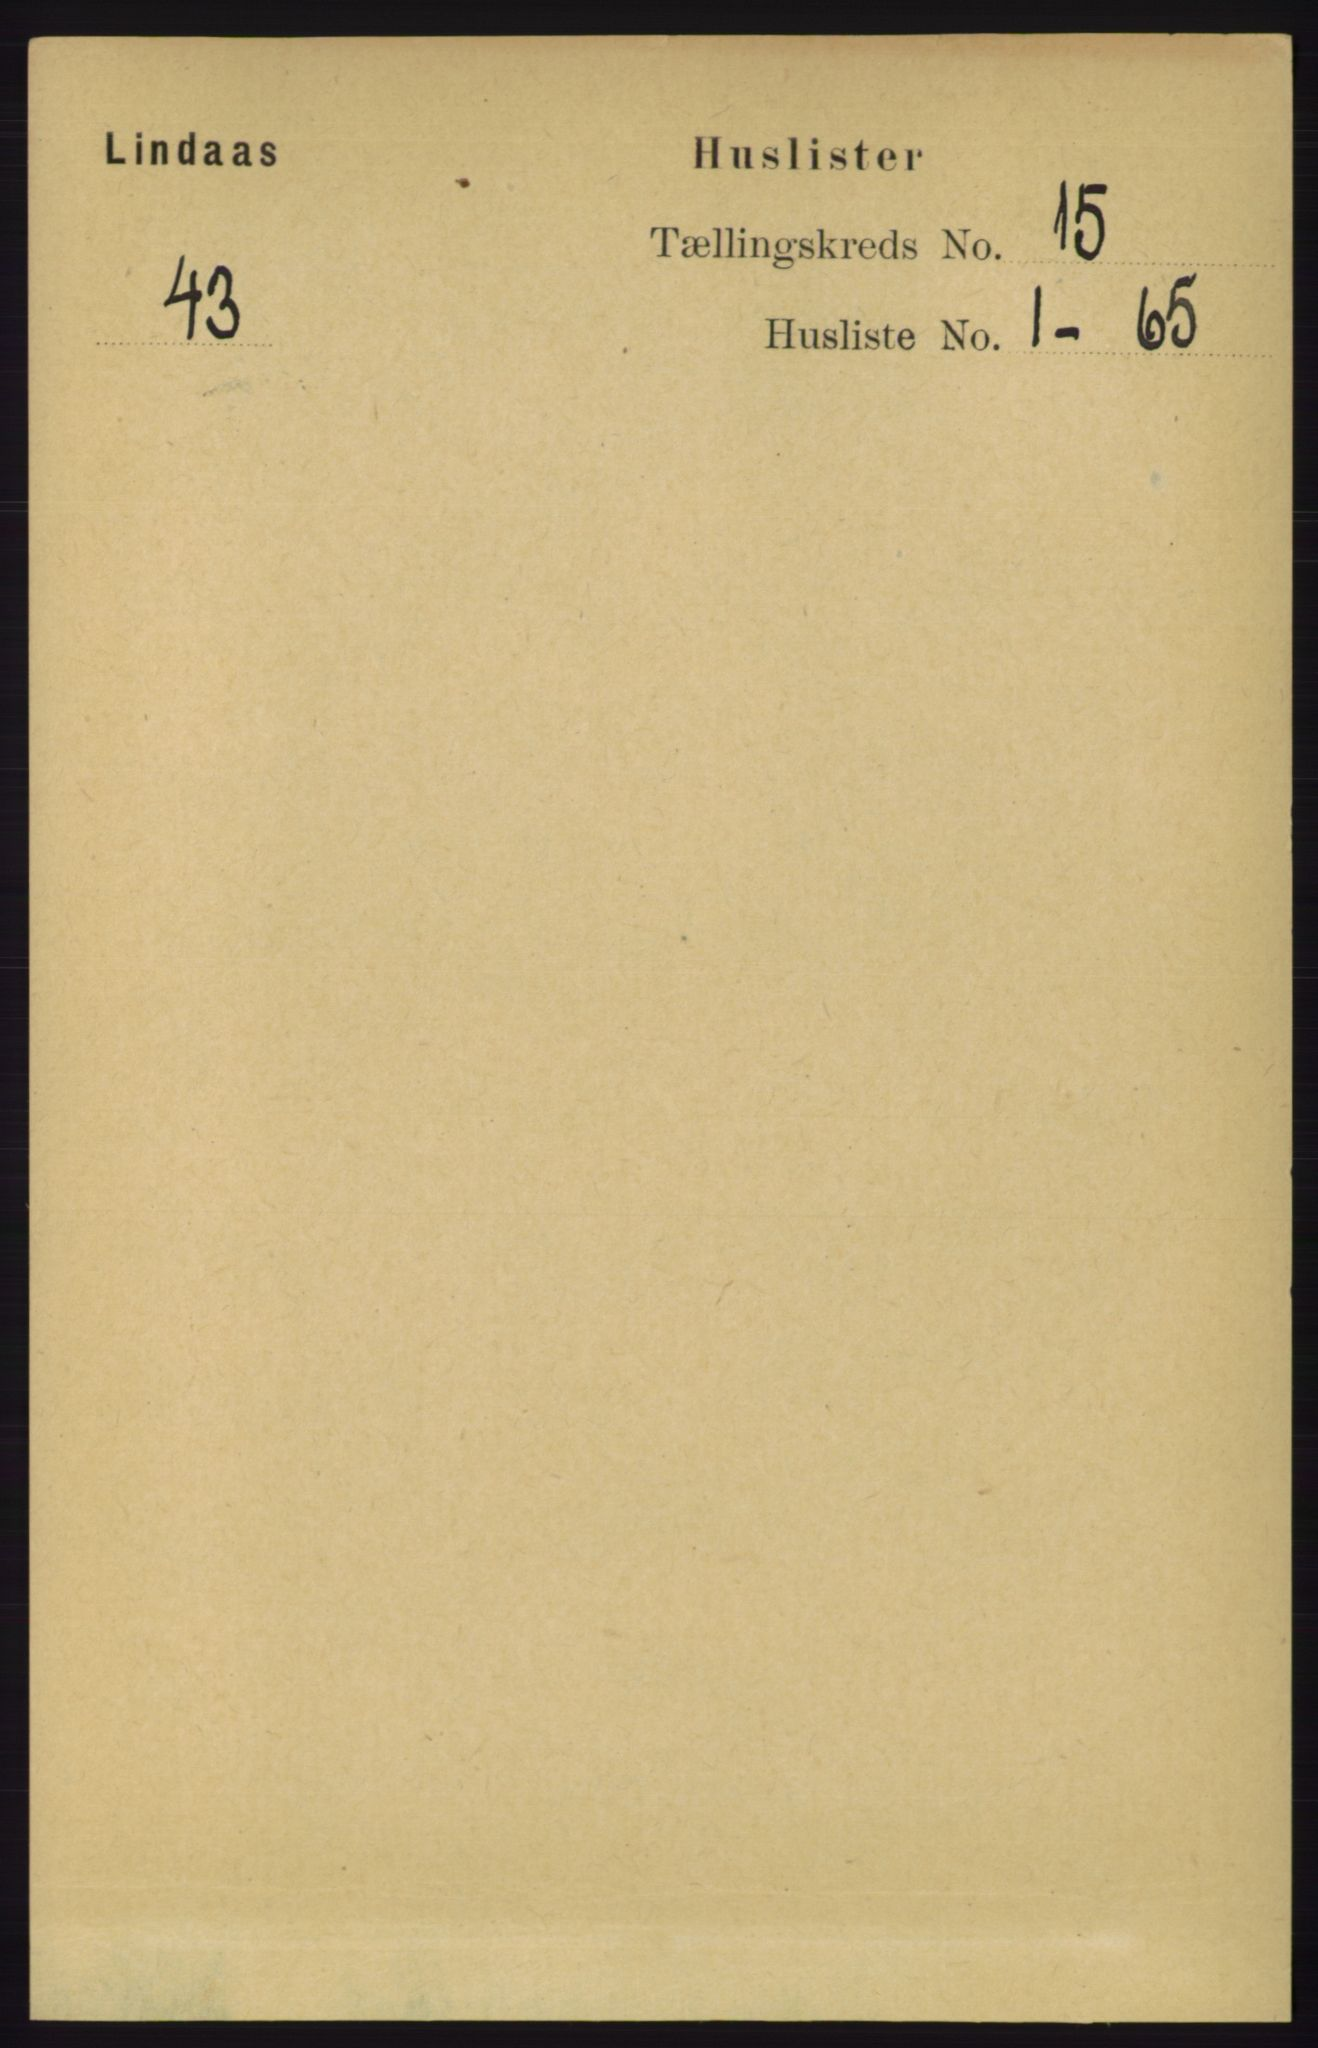 RA, Folketelling 1891 for 1263 Lindås herred, 1891, s. 5208